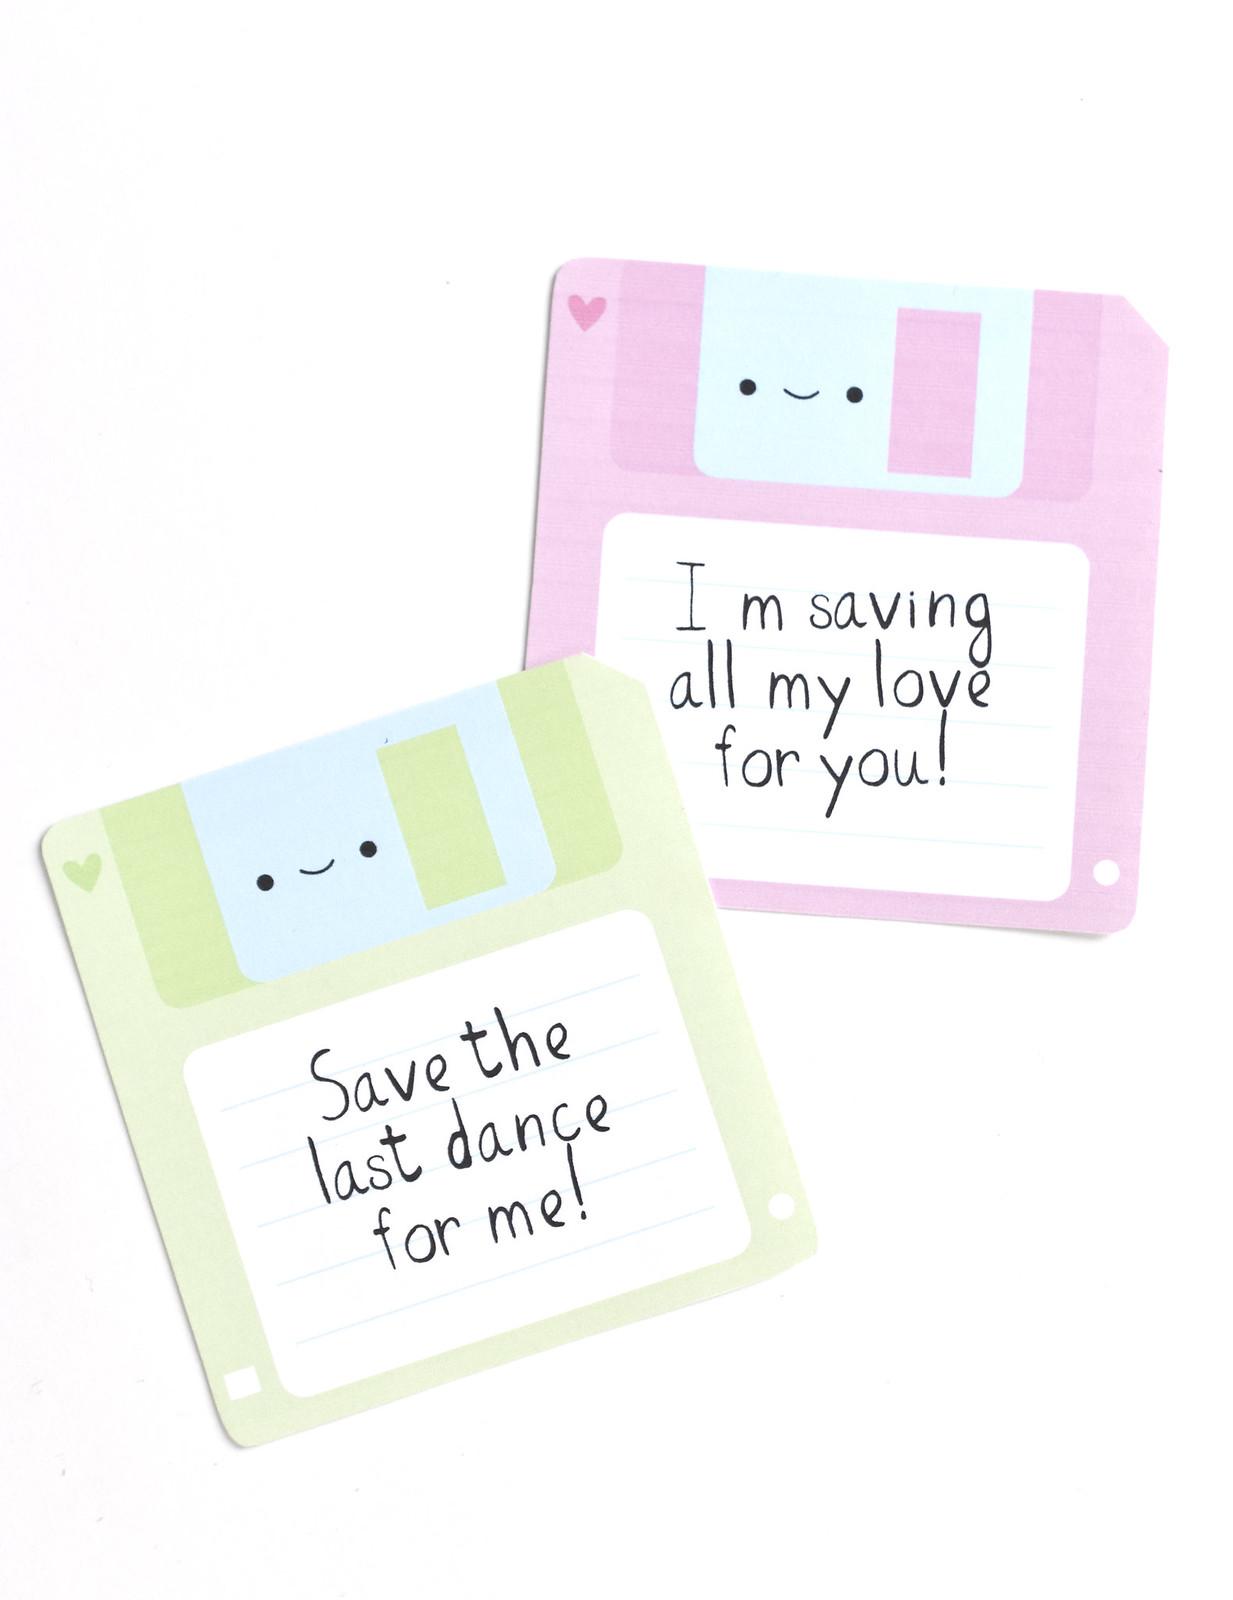 Floppy Disk Valentines